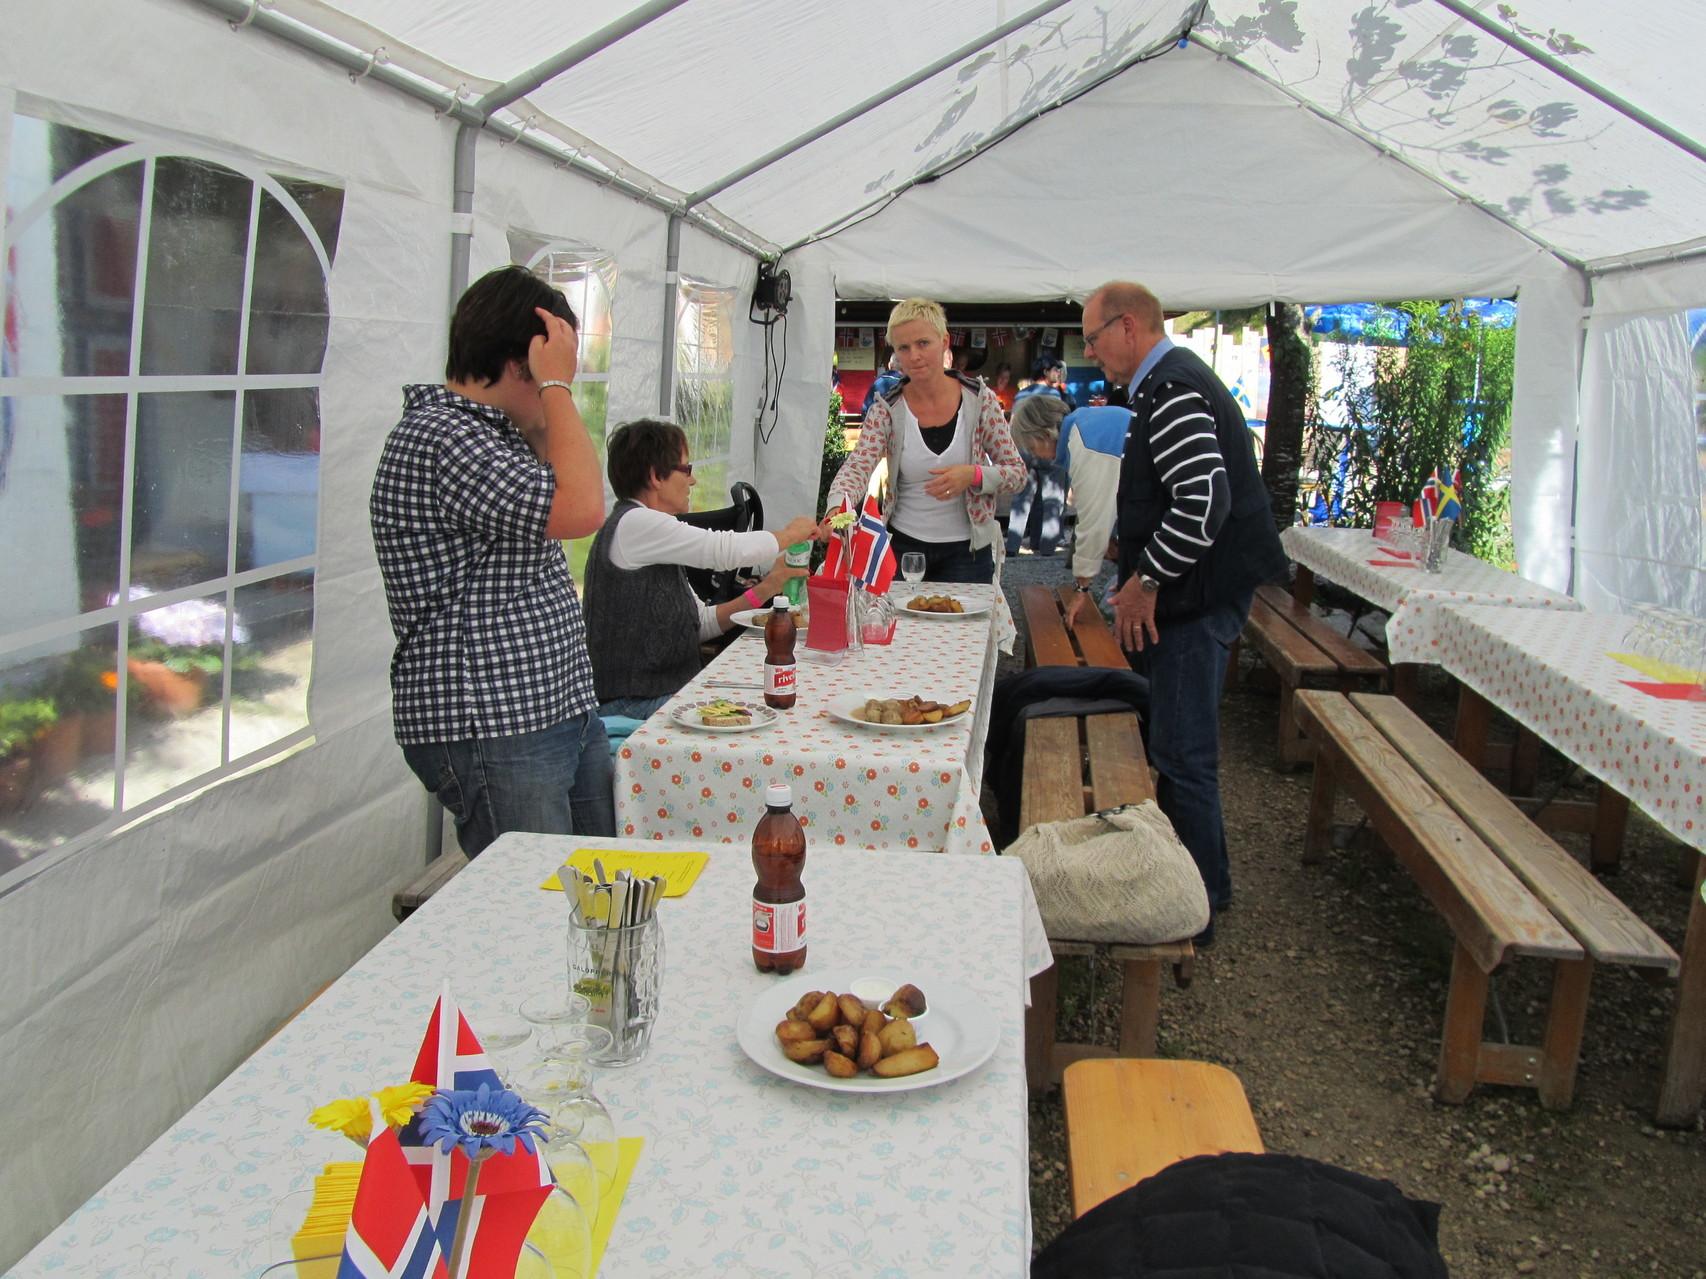 Essen ist gefasst! Tanja, Edith, Monika und Ruedi (im Hintergrund Susann Kull am Bänkli zurecht rücken)